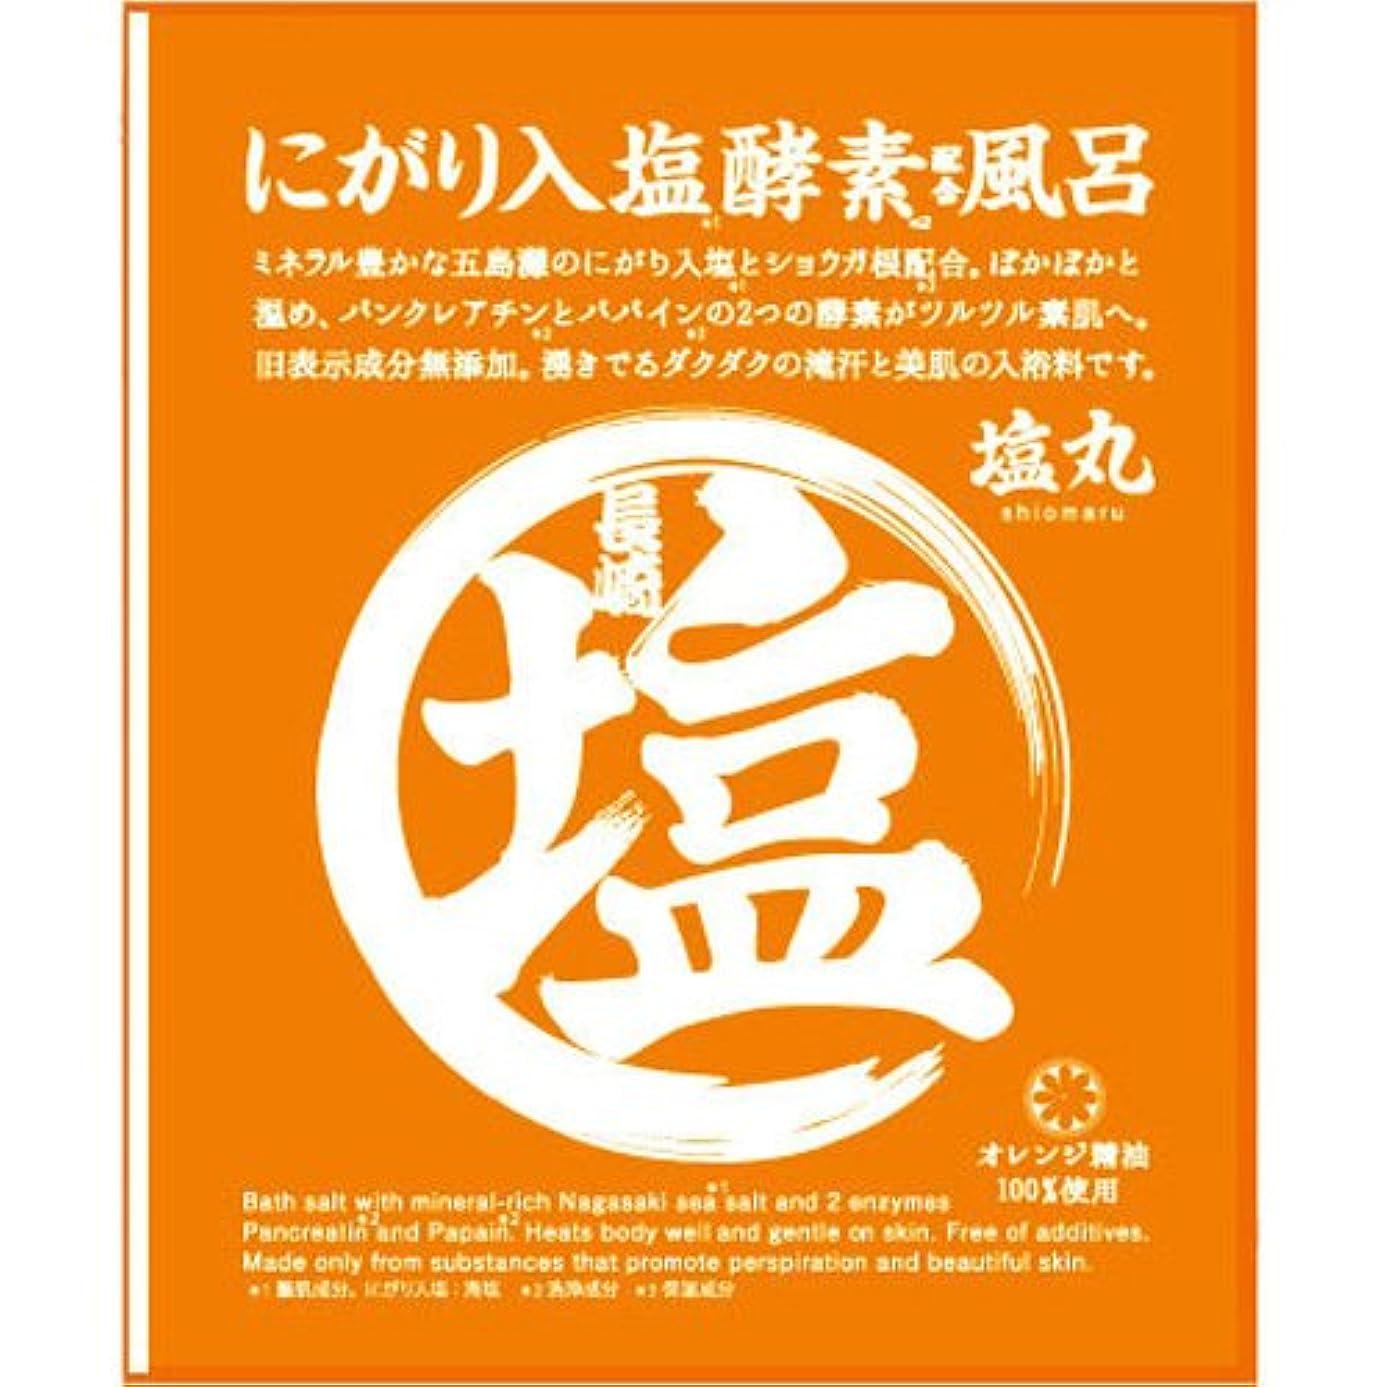 間に合わせさておき帝国主義にがり入塩と酵素の入浴料 塩丸 オレンジ 40g